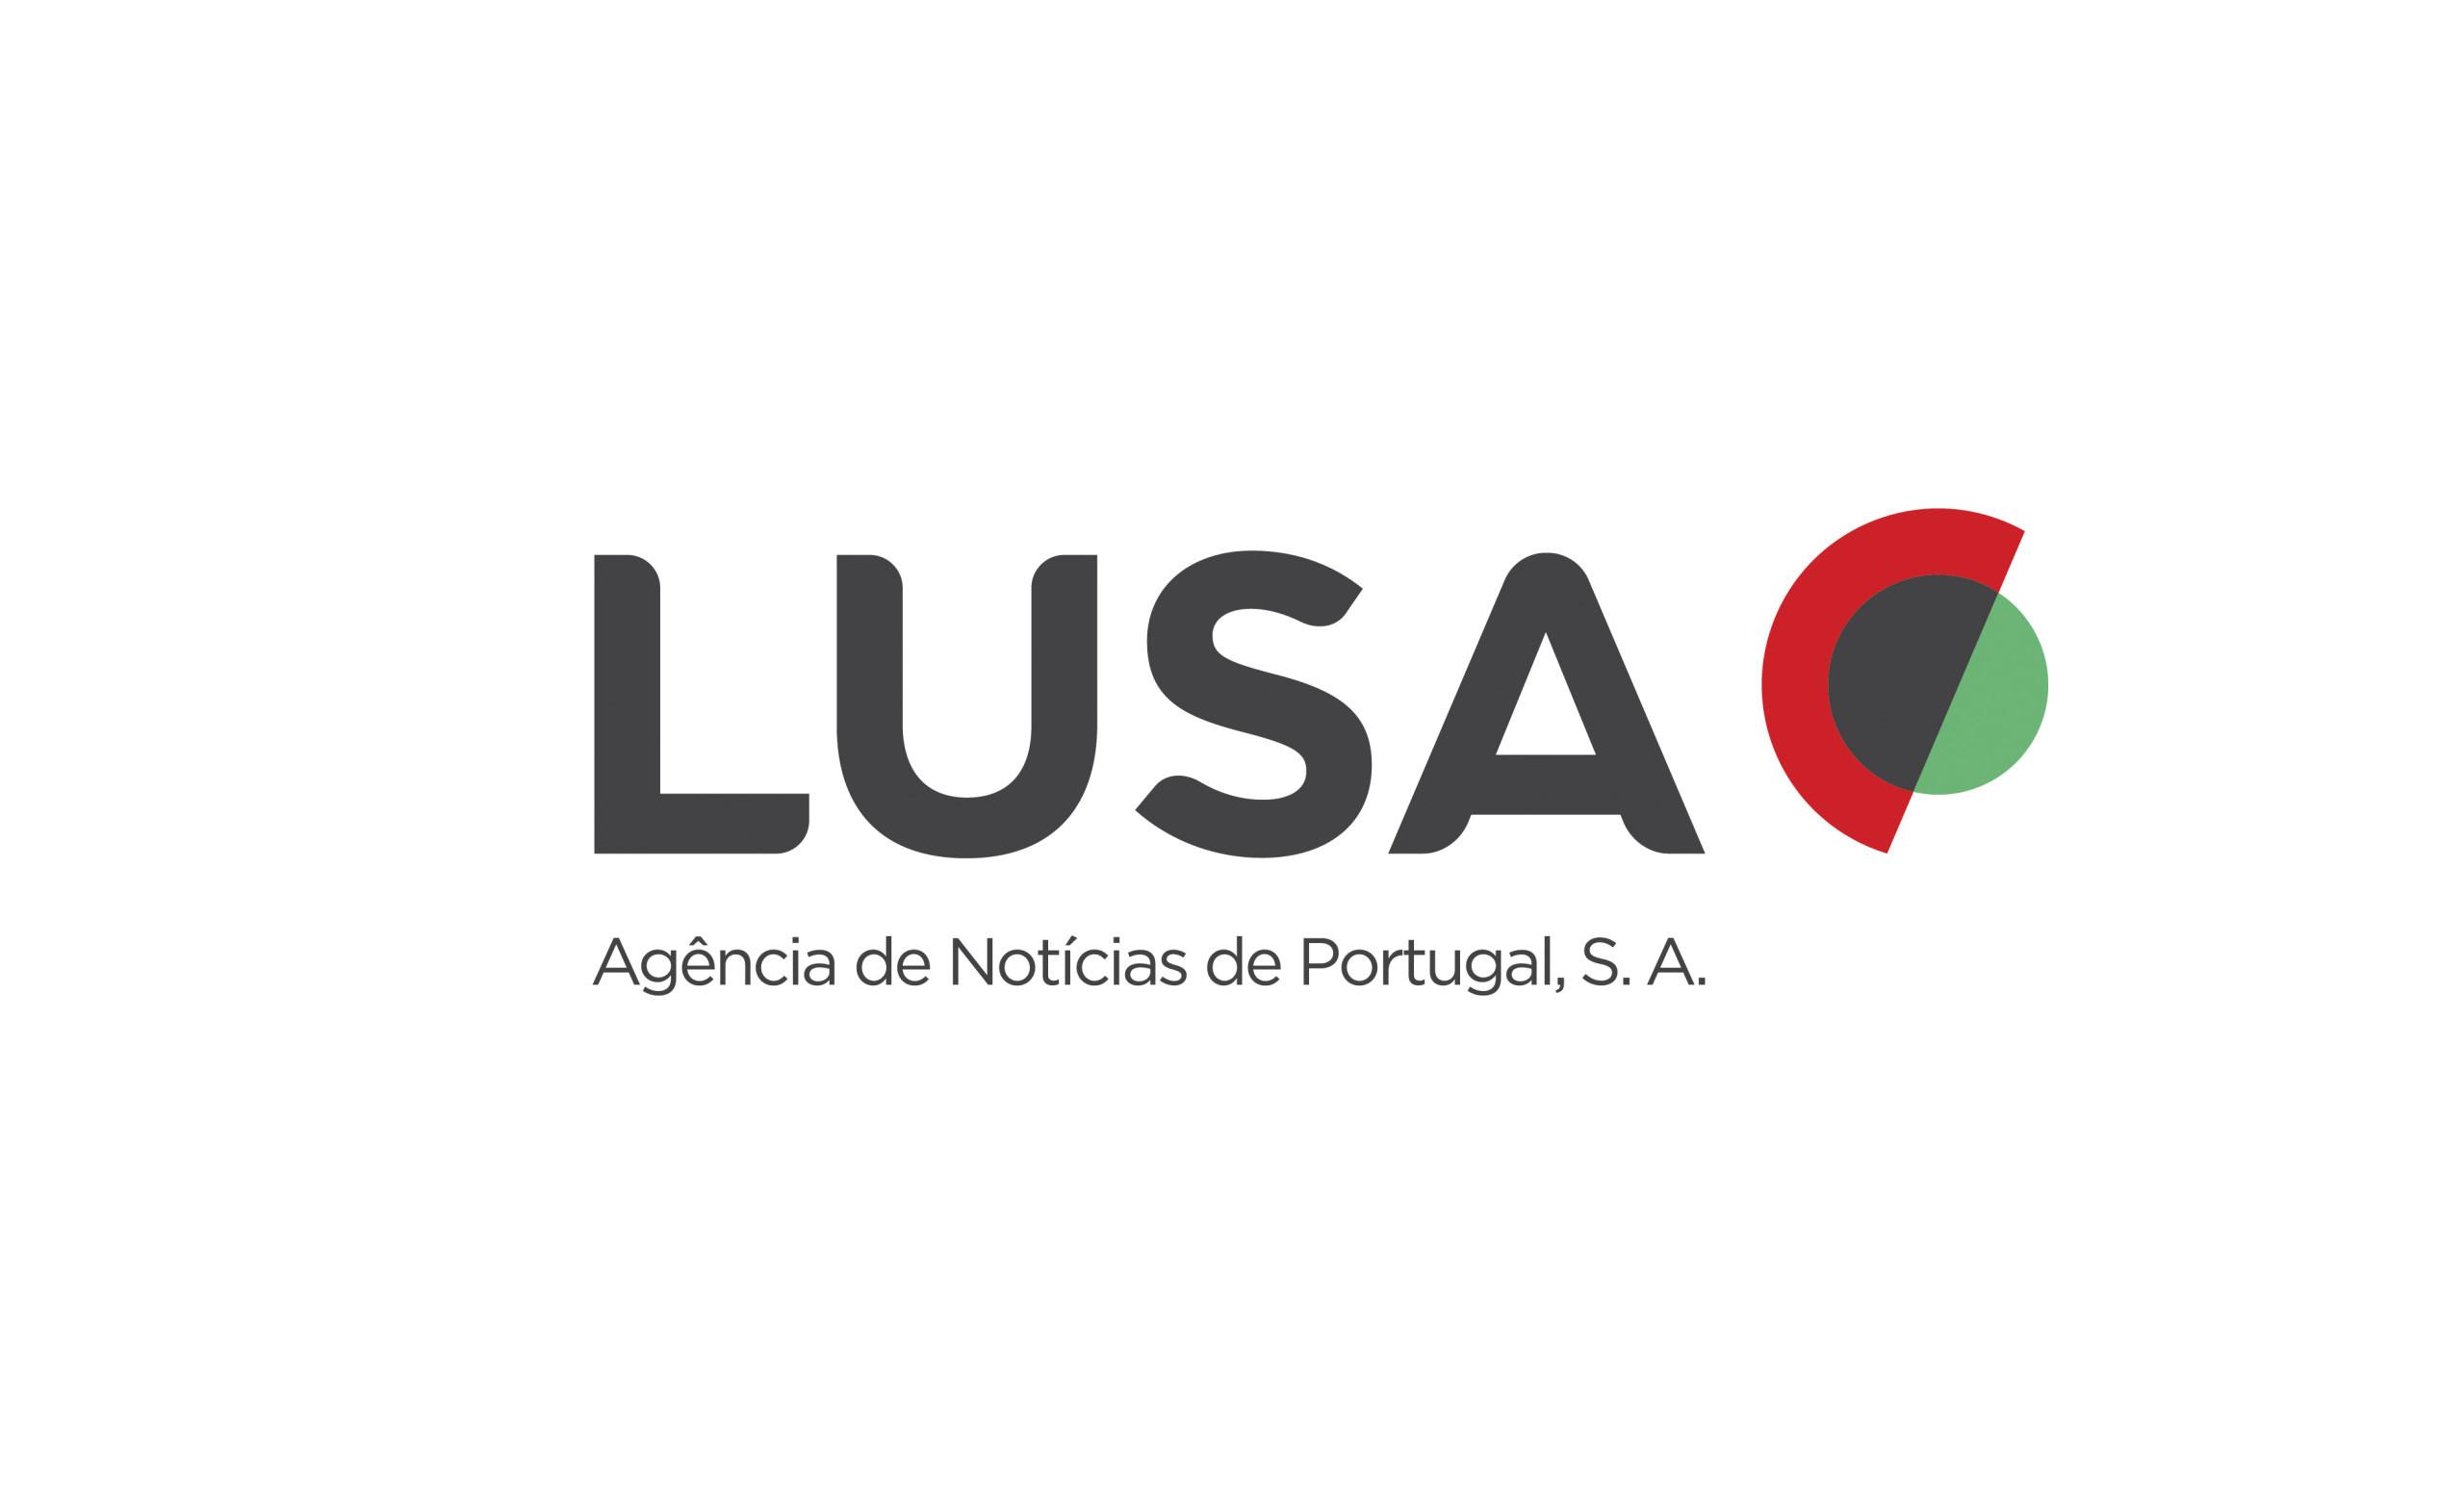 Lusa realiza duas conferências em Portugal e Macau este ano